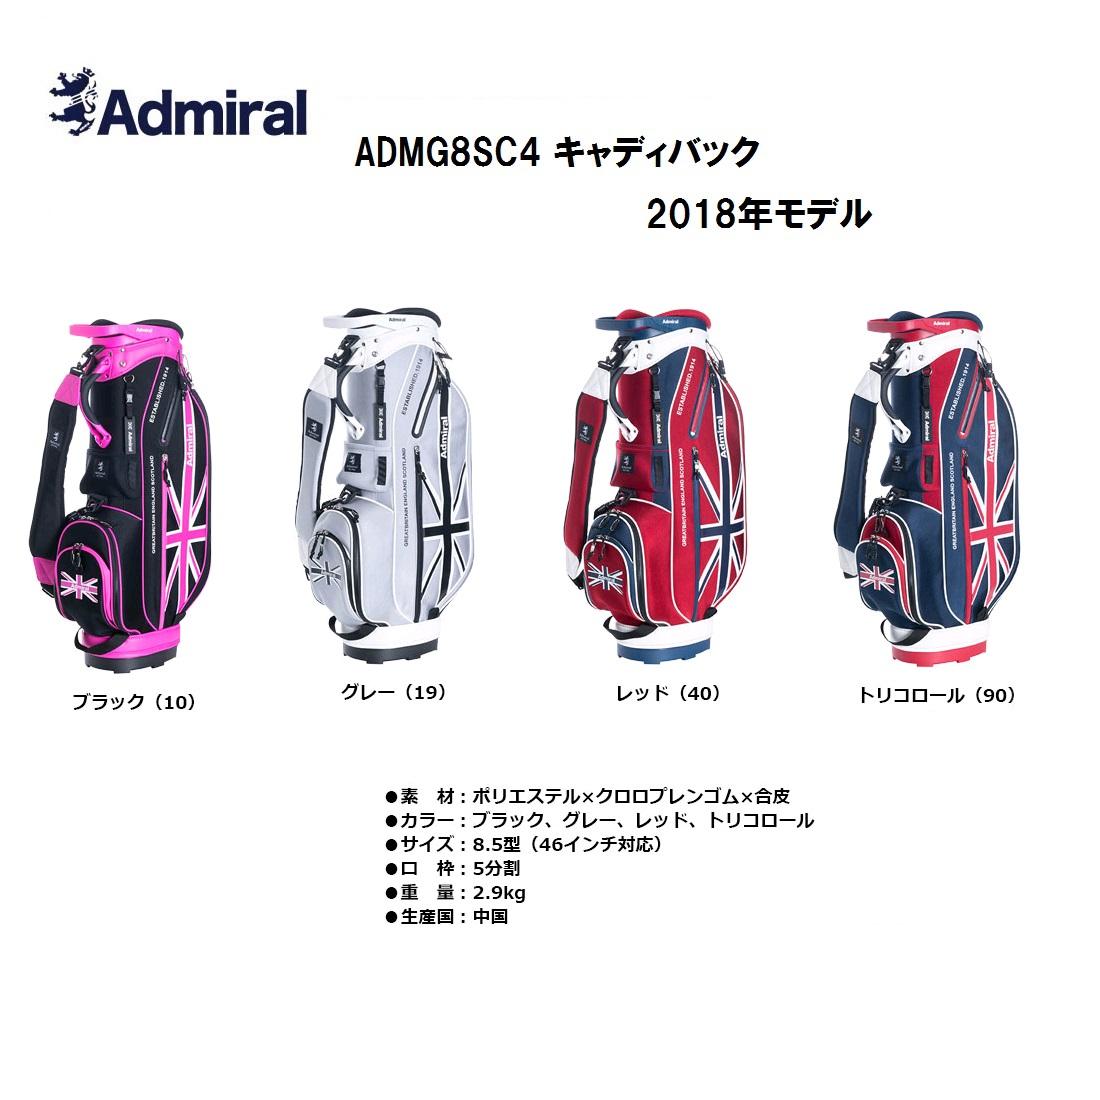 【新品】Admiral Golf アドミラル ゴルフ キャディバッグ ADMG8SC4 2018年春夏モデル 日本正規品